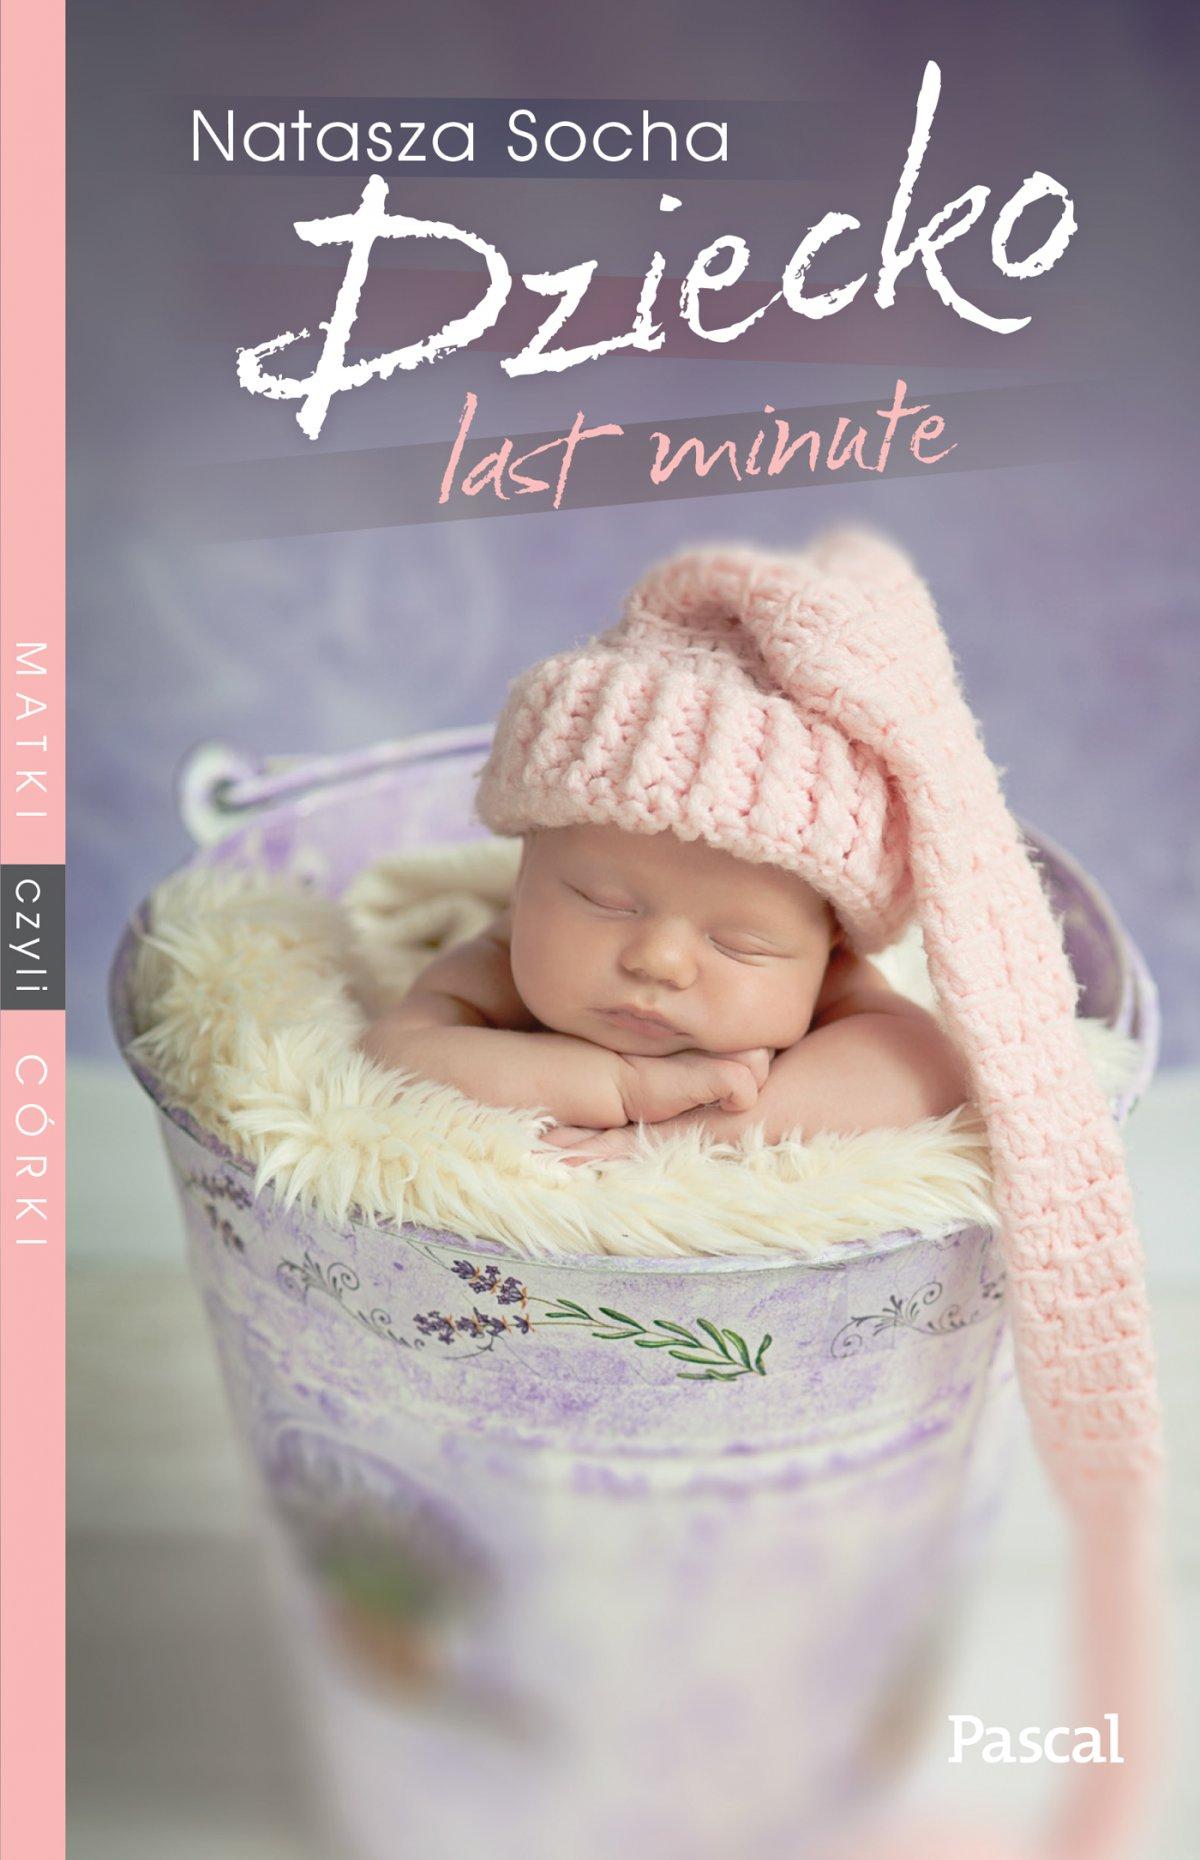 Dziecko Last Minute - Ebook (Książka EPUB) do pobrania w formacie EPUB